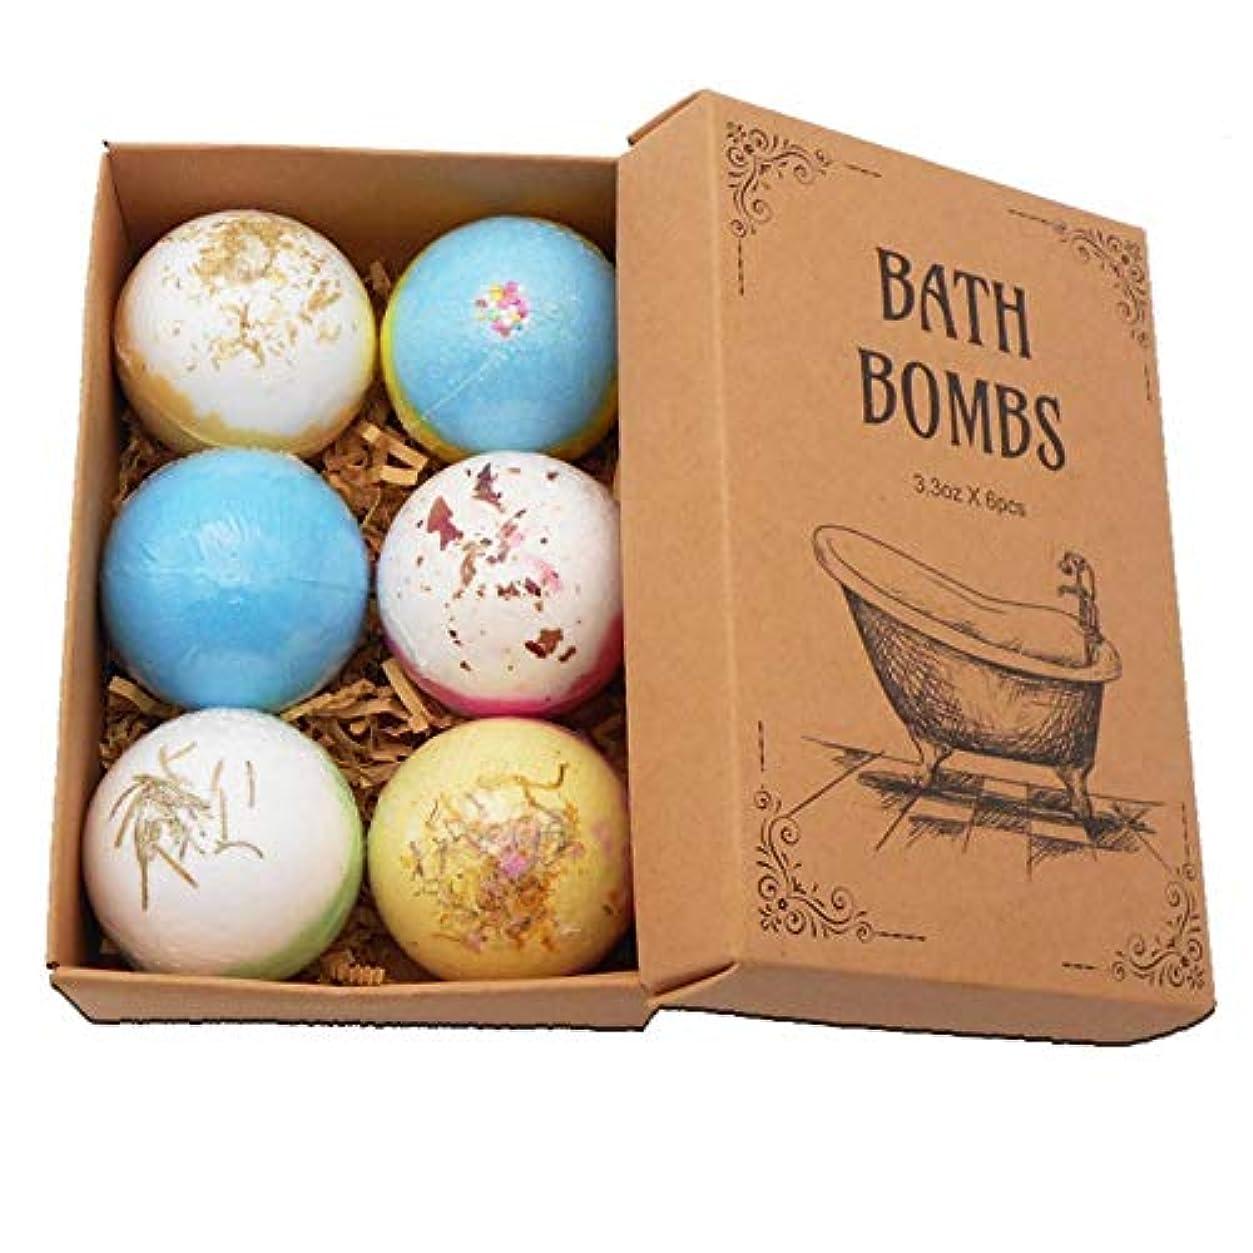 高架大使館現実にはColdwhite 6PCSバスボム 自然な手作りの海塩ラベンダー風呂爆弾 母のガールフレンドのためのスパ発泡爆弾ギフト